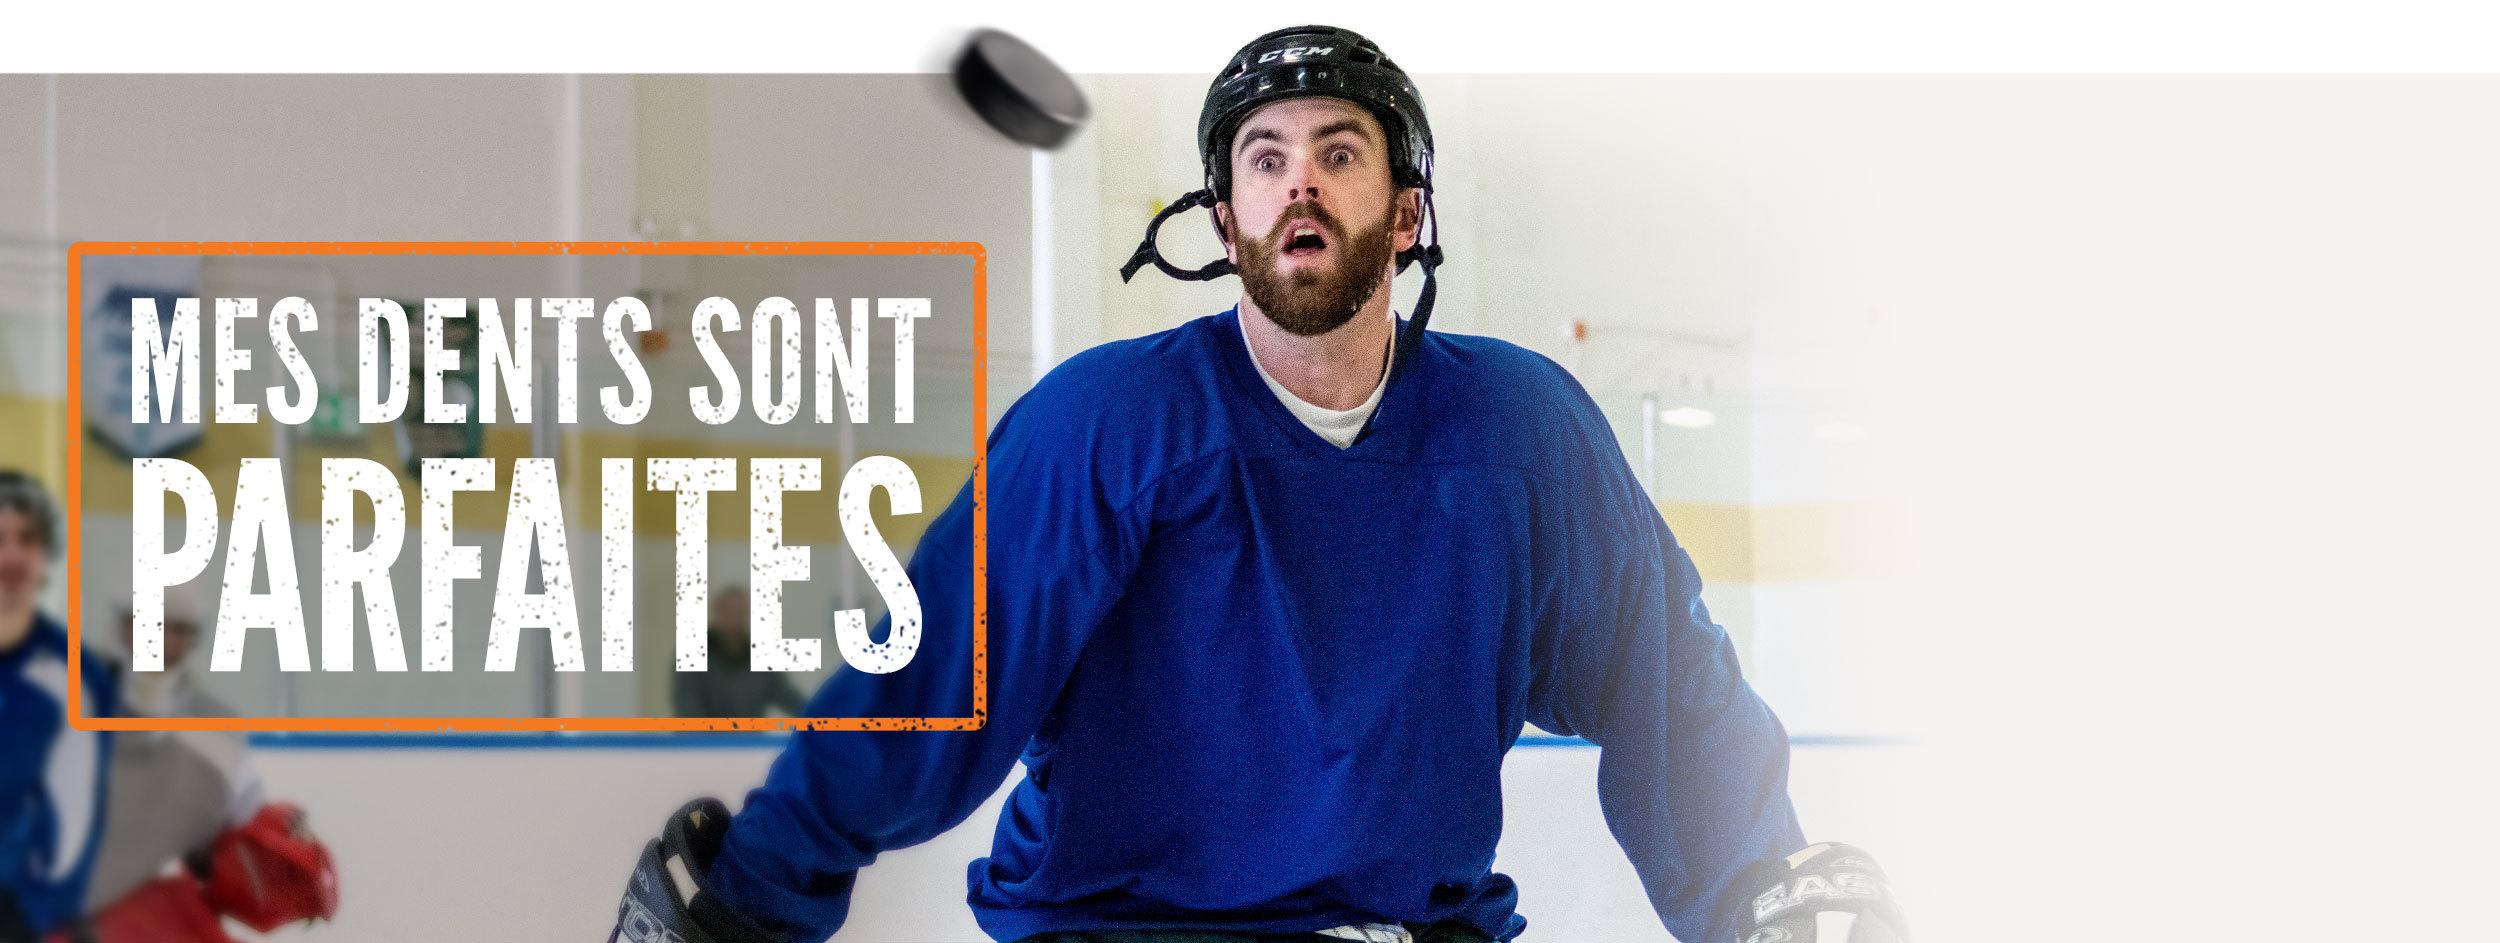 Photo d'un joueur de hockey sur le point de recevoir une rondelle dans le visage. Le texte « Mes dents sont parfaites » accompagne la photo.